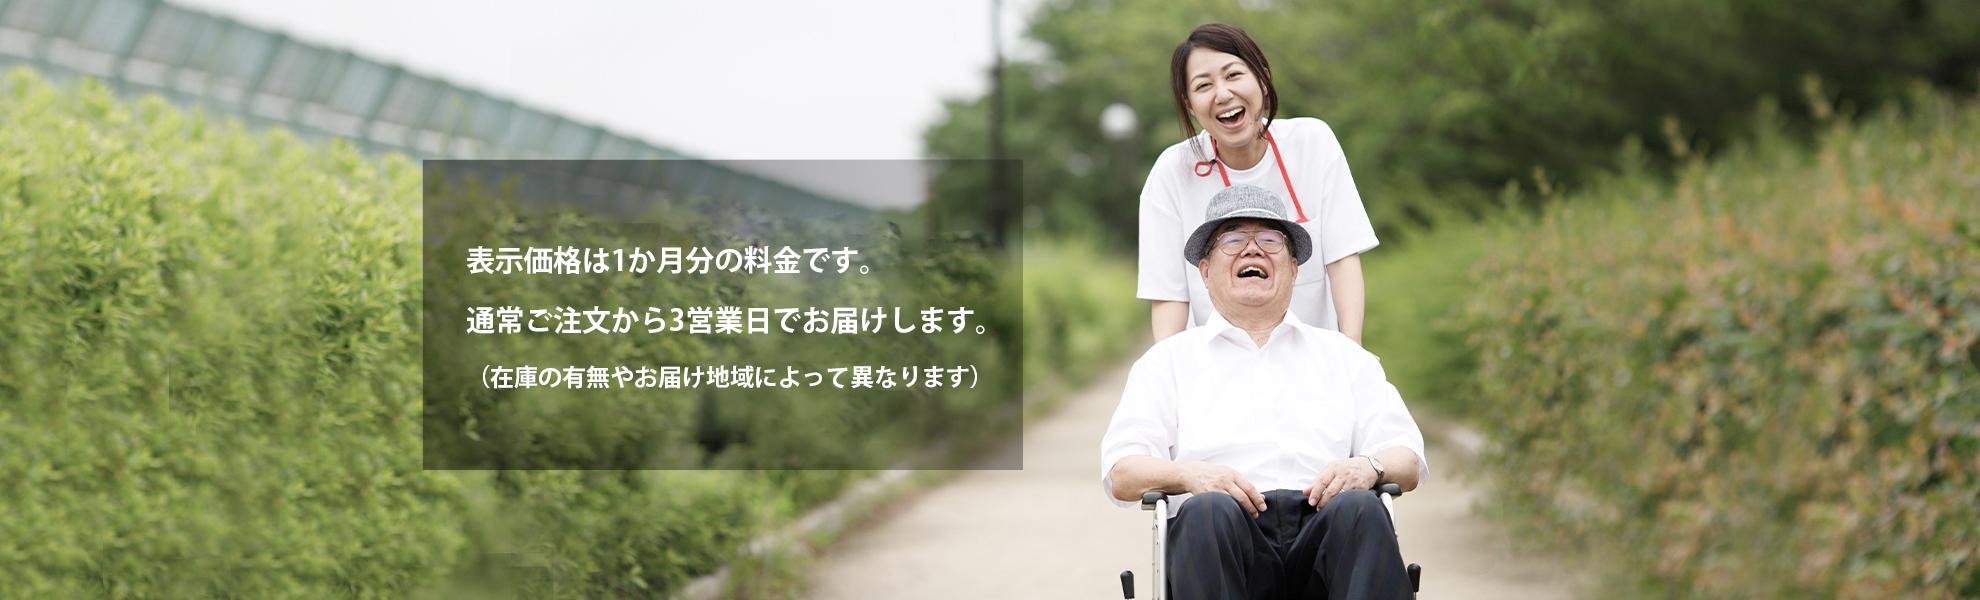 スライダー01